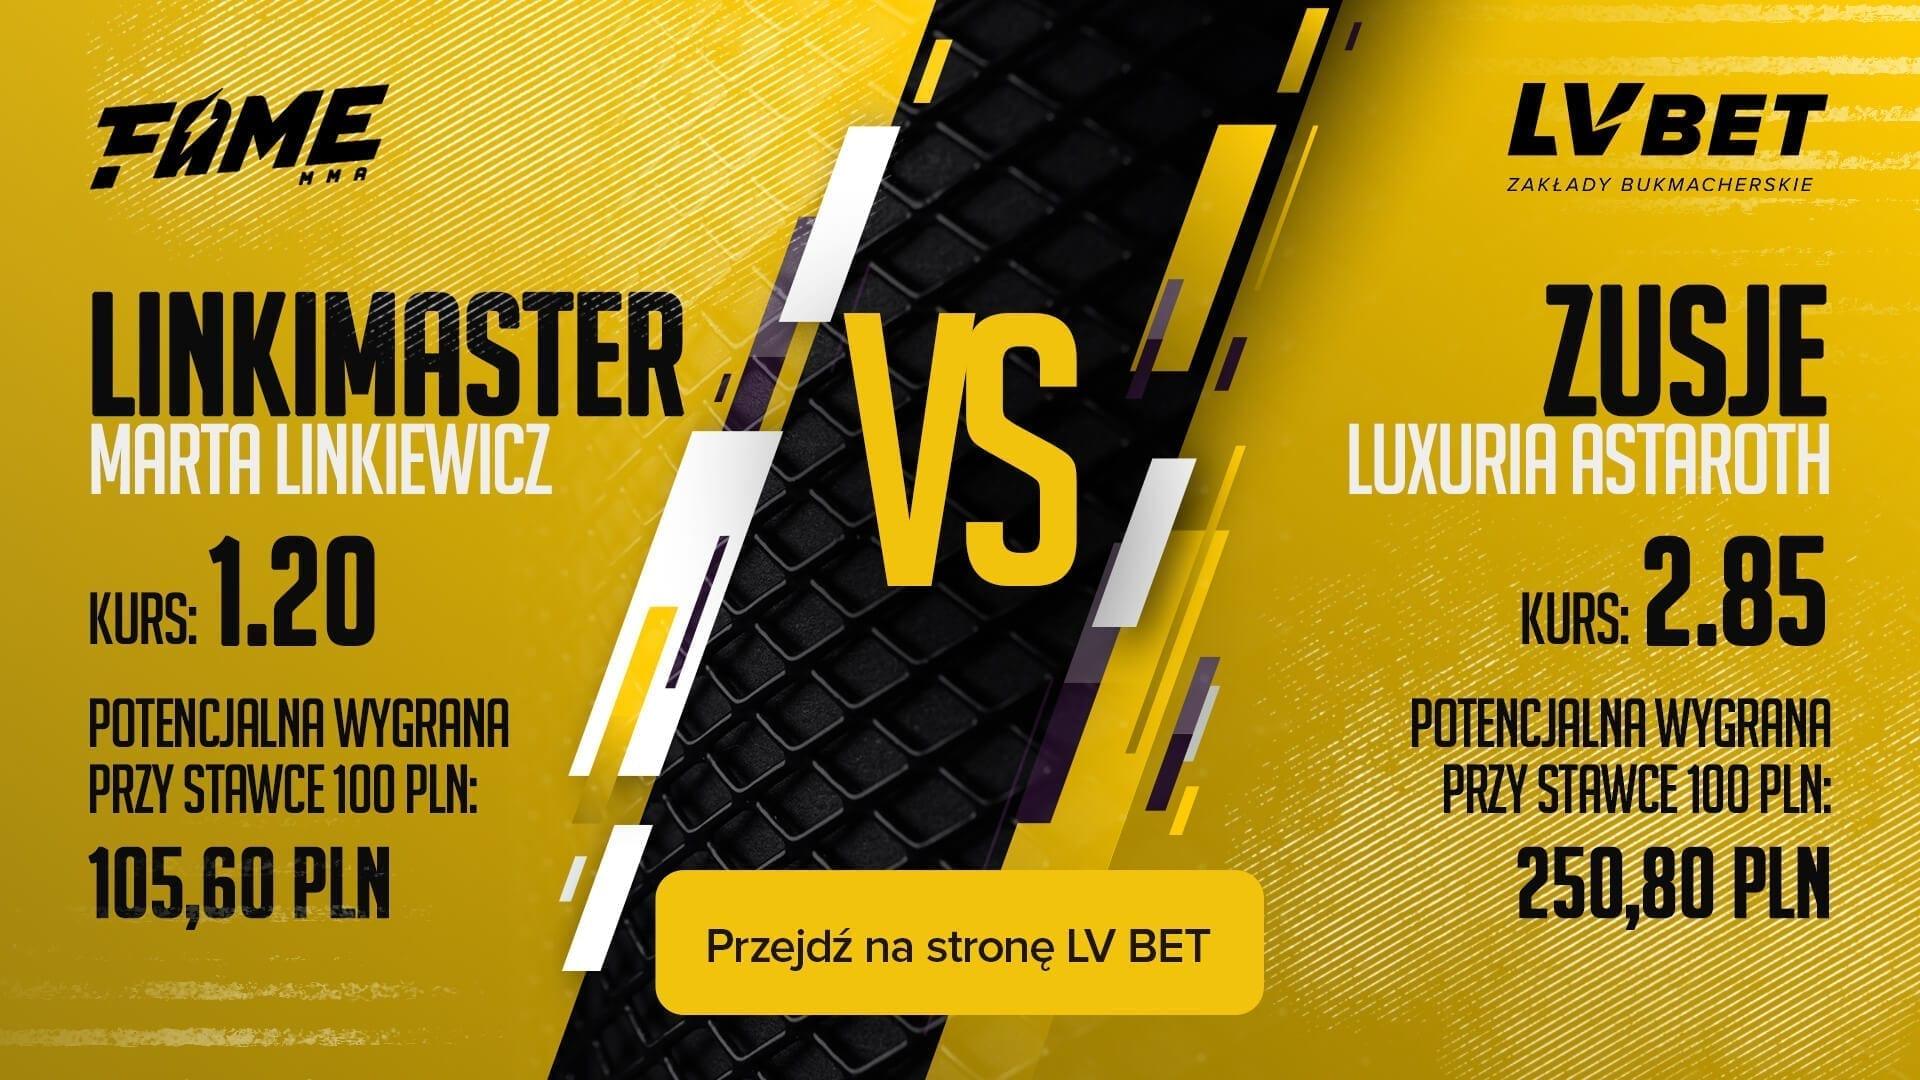 Linkiewicz vs Zusje - kursy w LVBET na FAME MMA 6